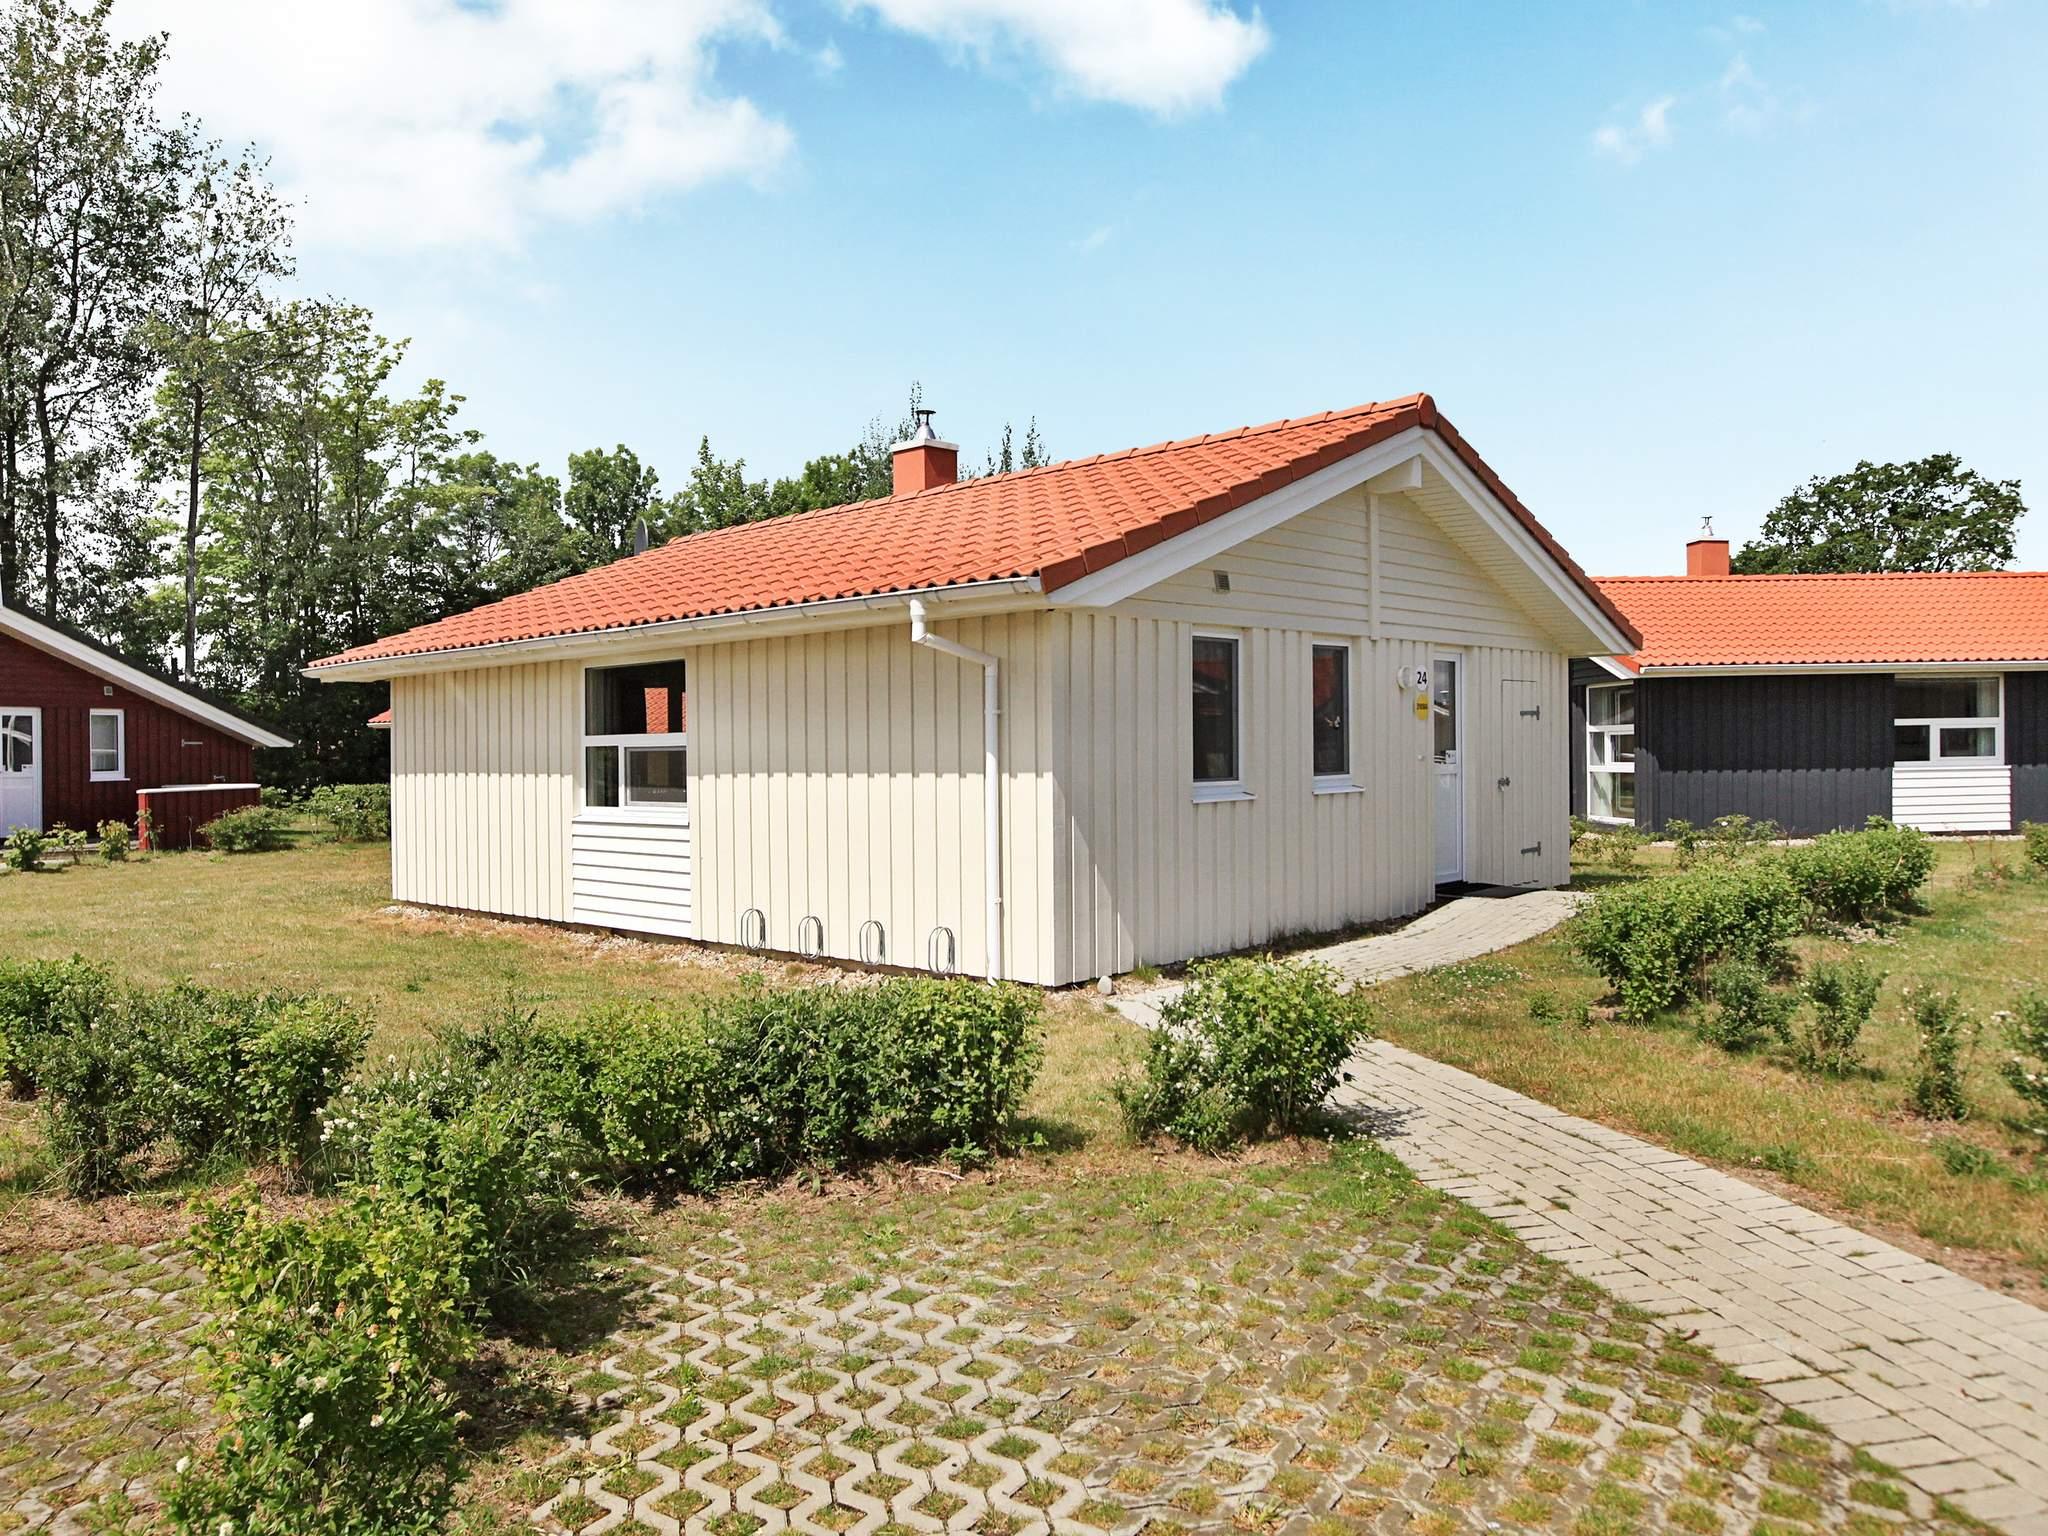 Maison de vacances Grömitz (455123), Grömitz, Baie de Lübeck, Schleswig-Holstein, Allemagne, image 11